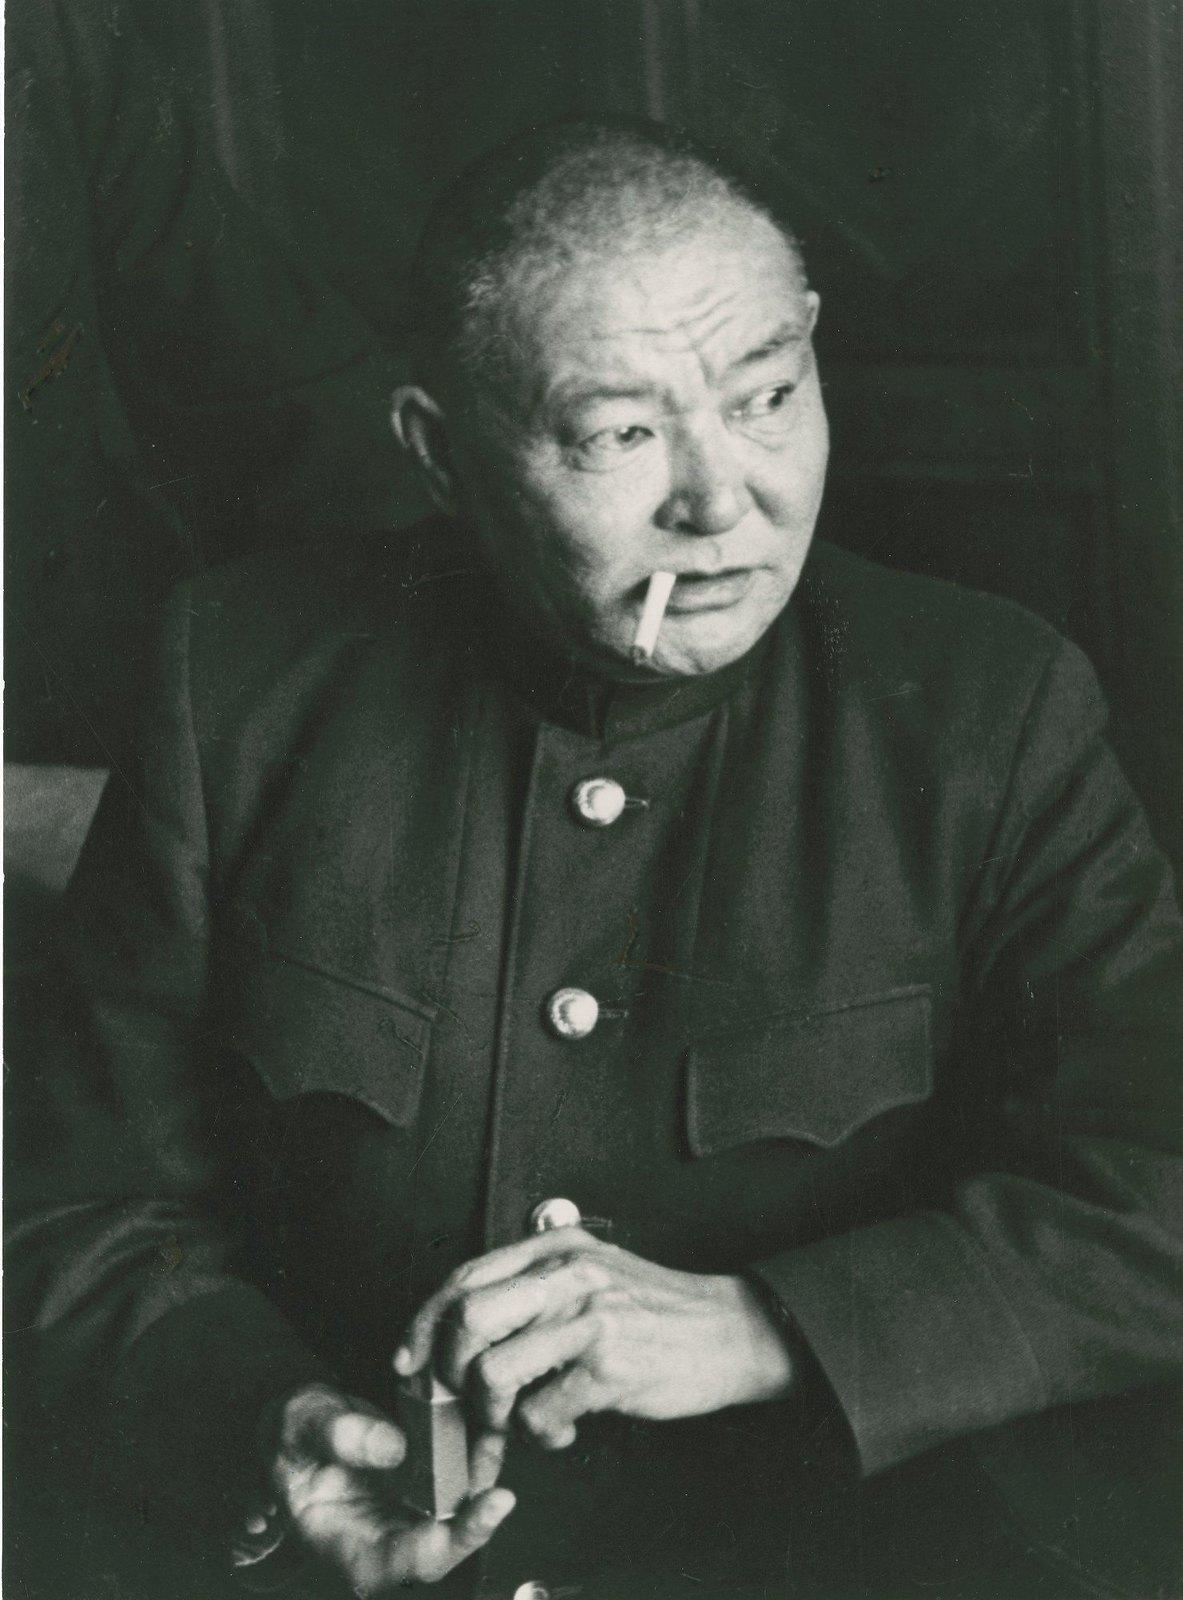 1936. Политический лидер Монголии Хорлогийн Чойбалсан